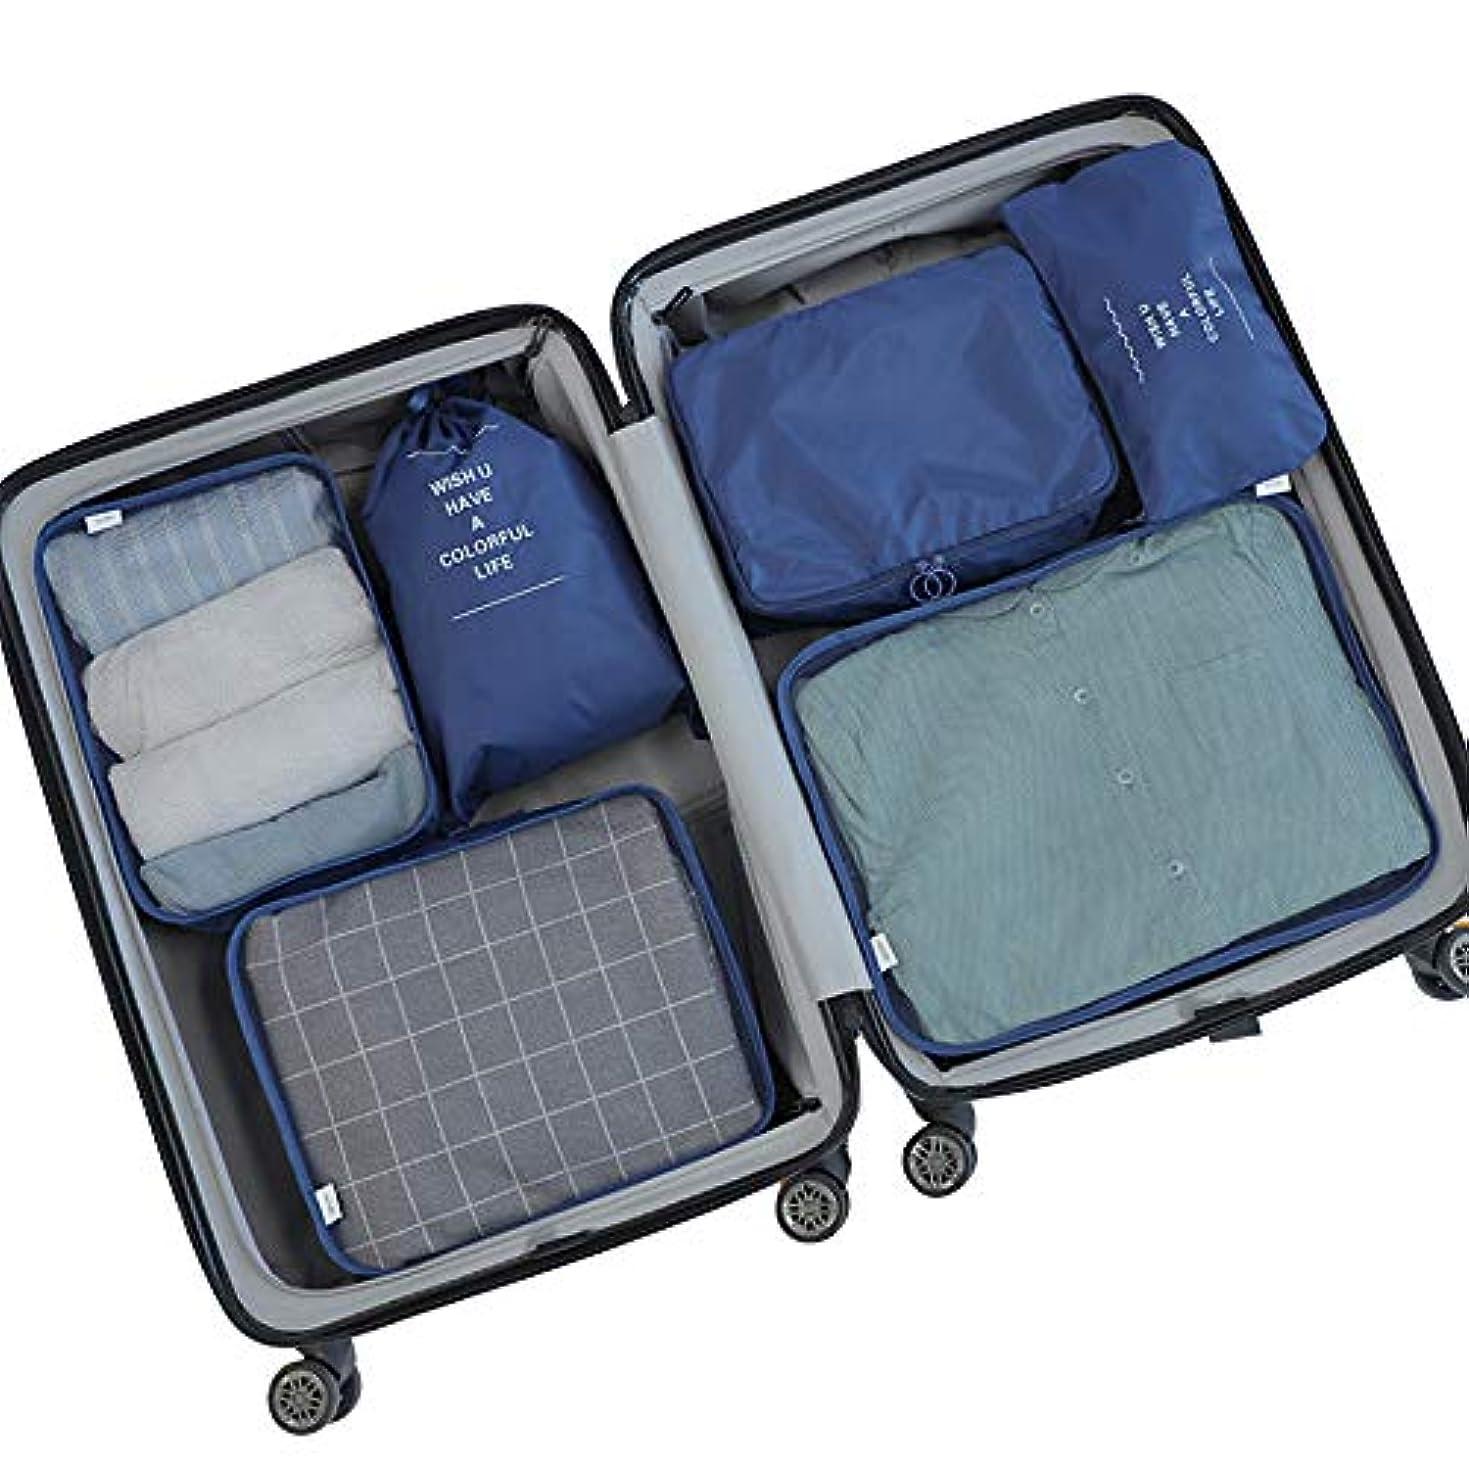 子犬改革プロペラトラベルポーチ 6点セット 収納ポーチ 旅行用 衣類 バッグ ケース 化粧ポーチ メンズ 大容量 防水